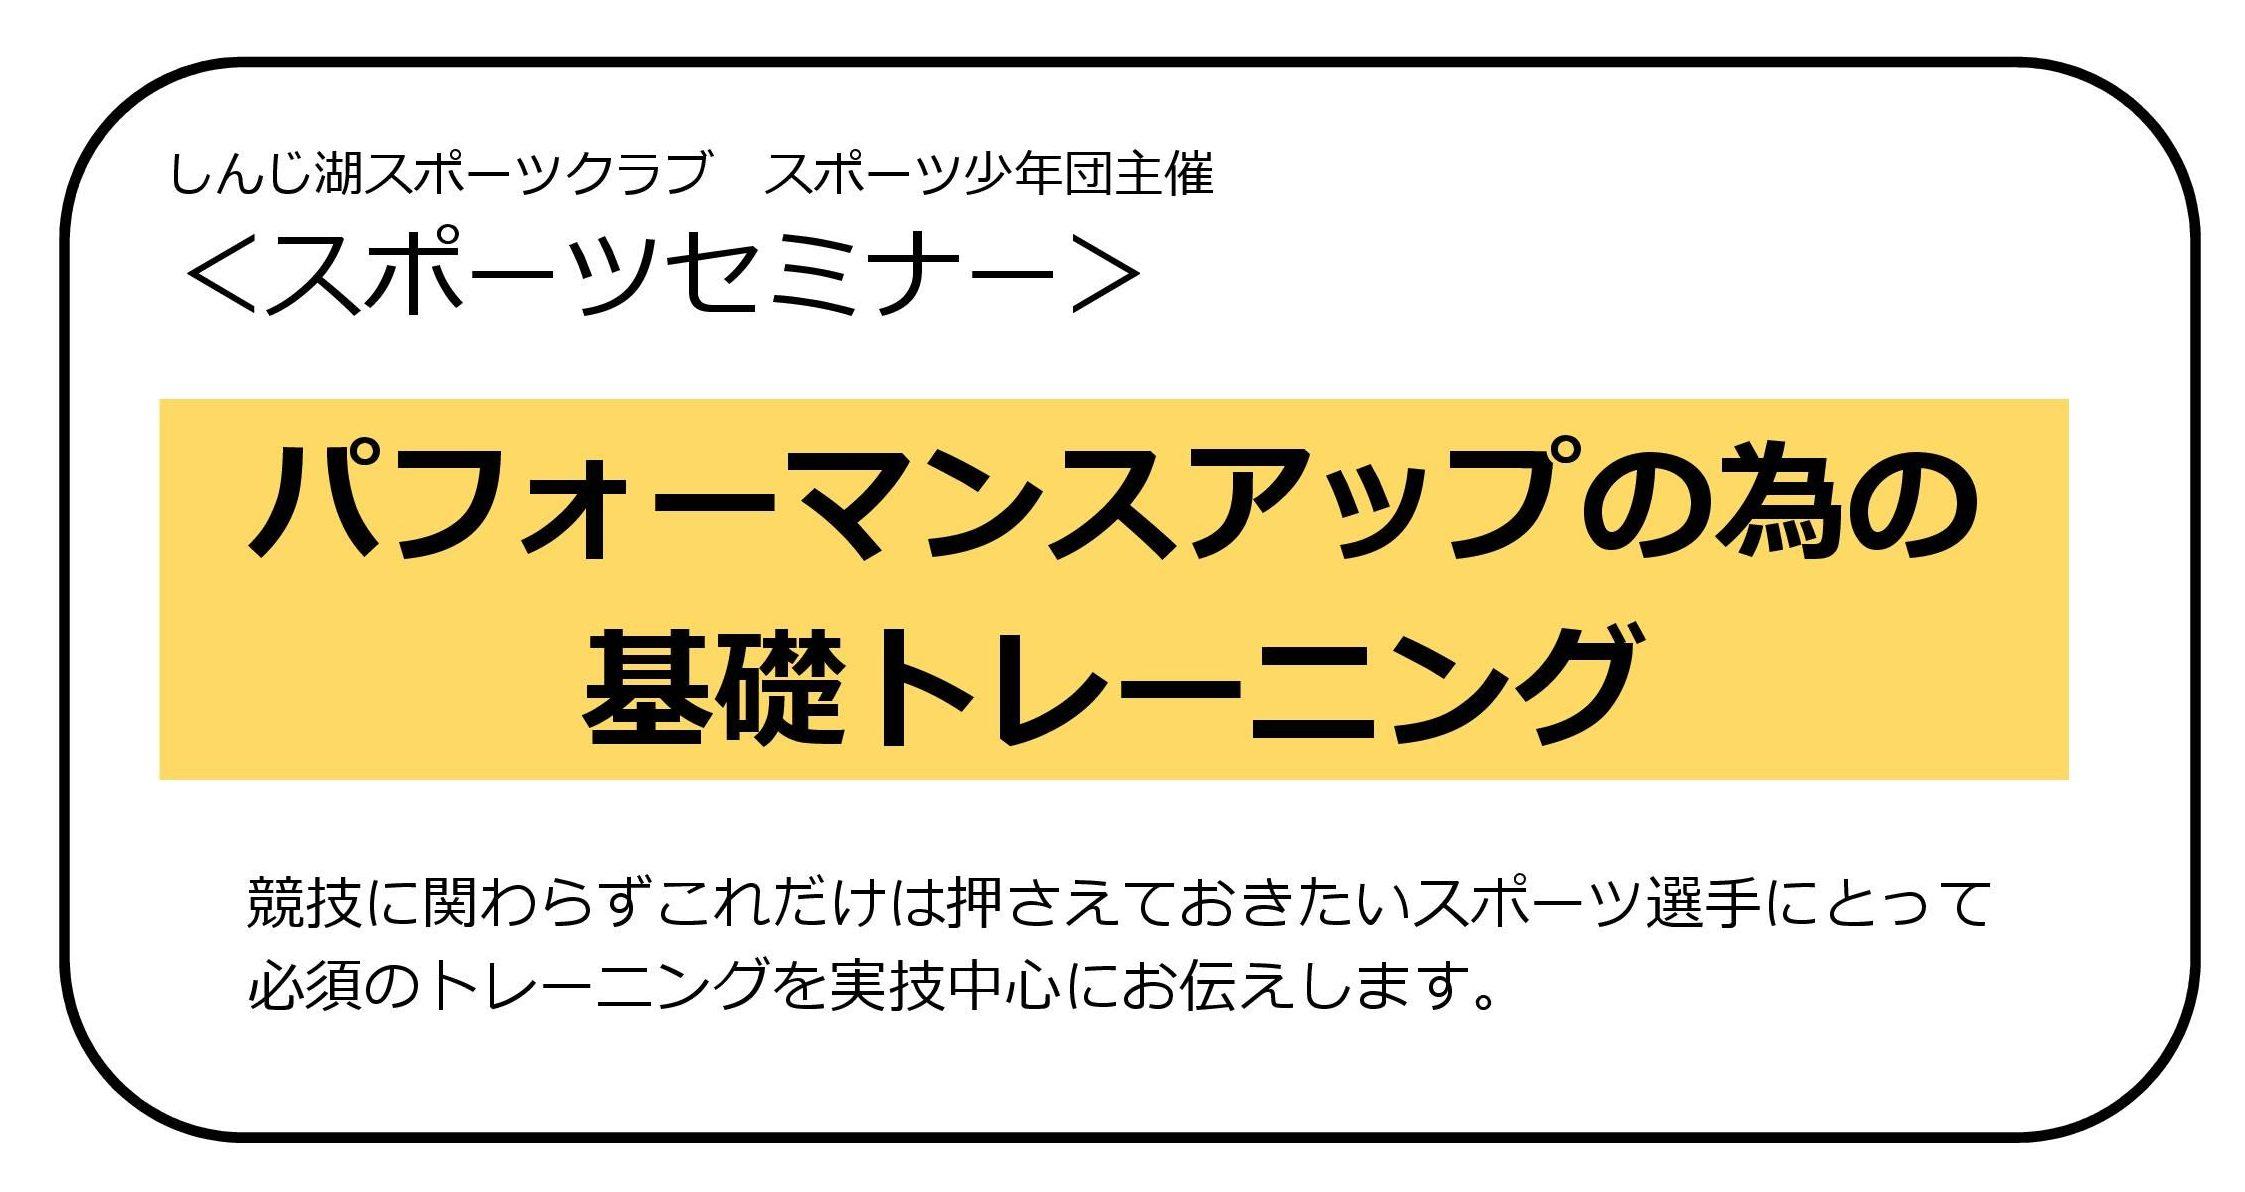 スポーツセミナー『パフォーマンスアップの為の基礎トレーニング』3/23(土)19:00~